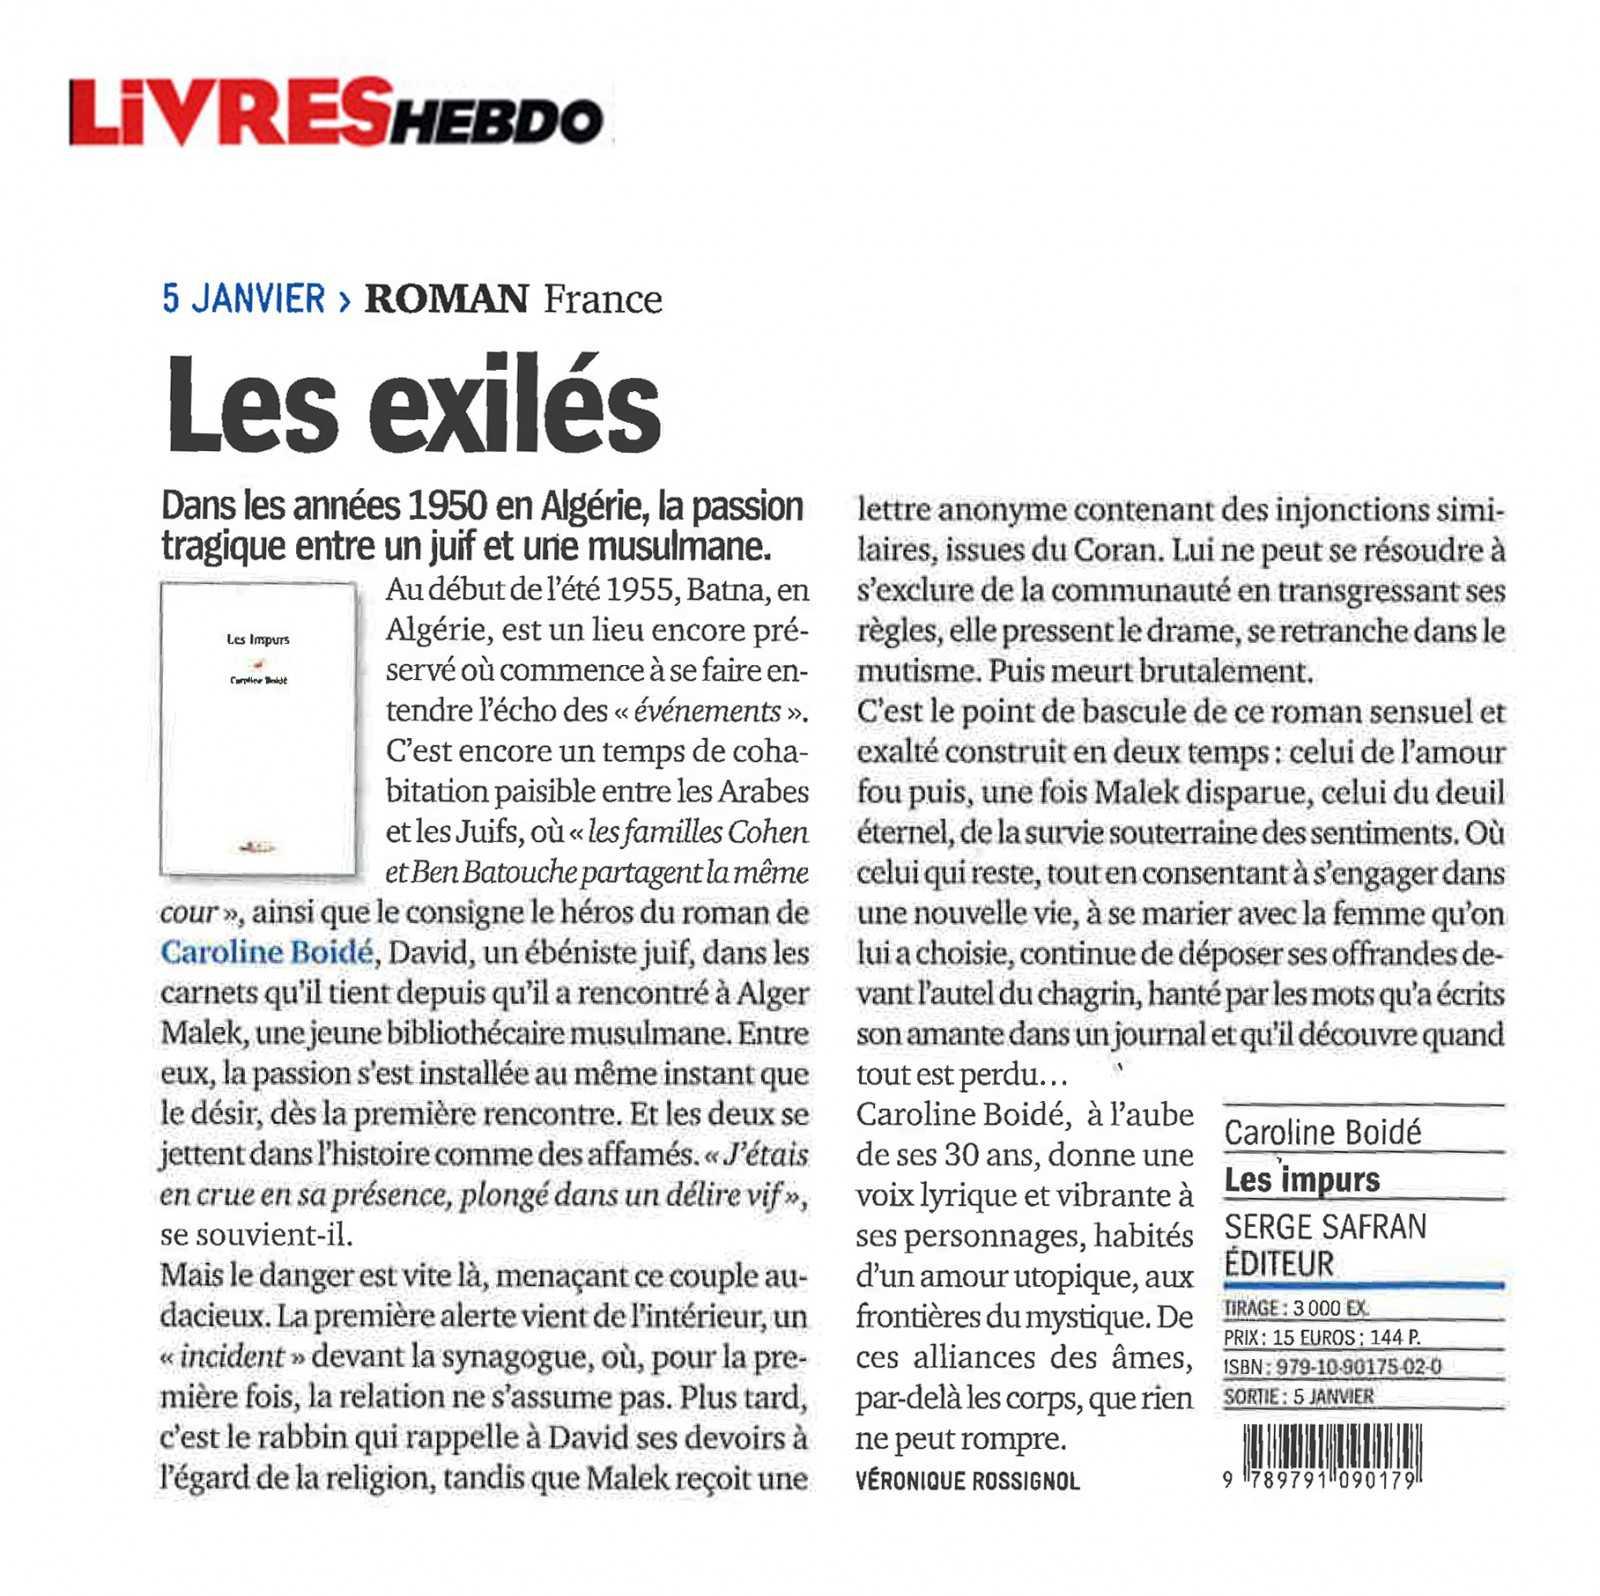 livre_hebdo_les_exiles